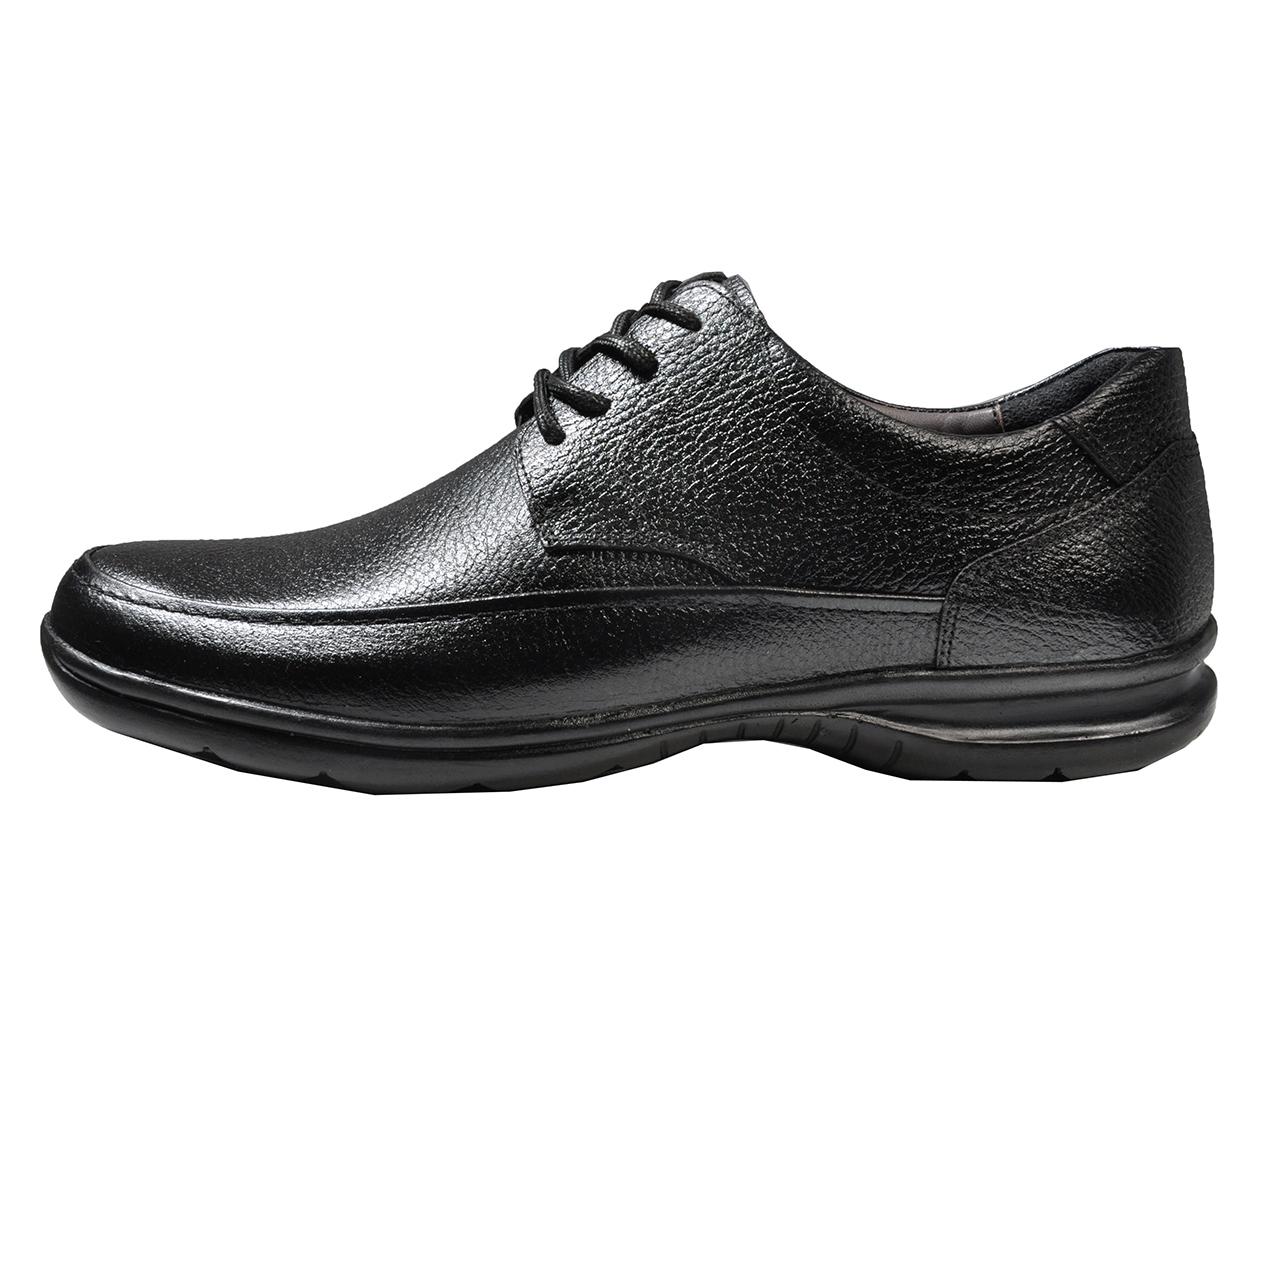 کفش طبی مردانه مدل مهاجر m114m